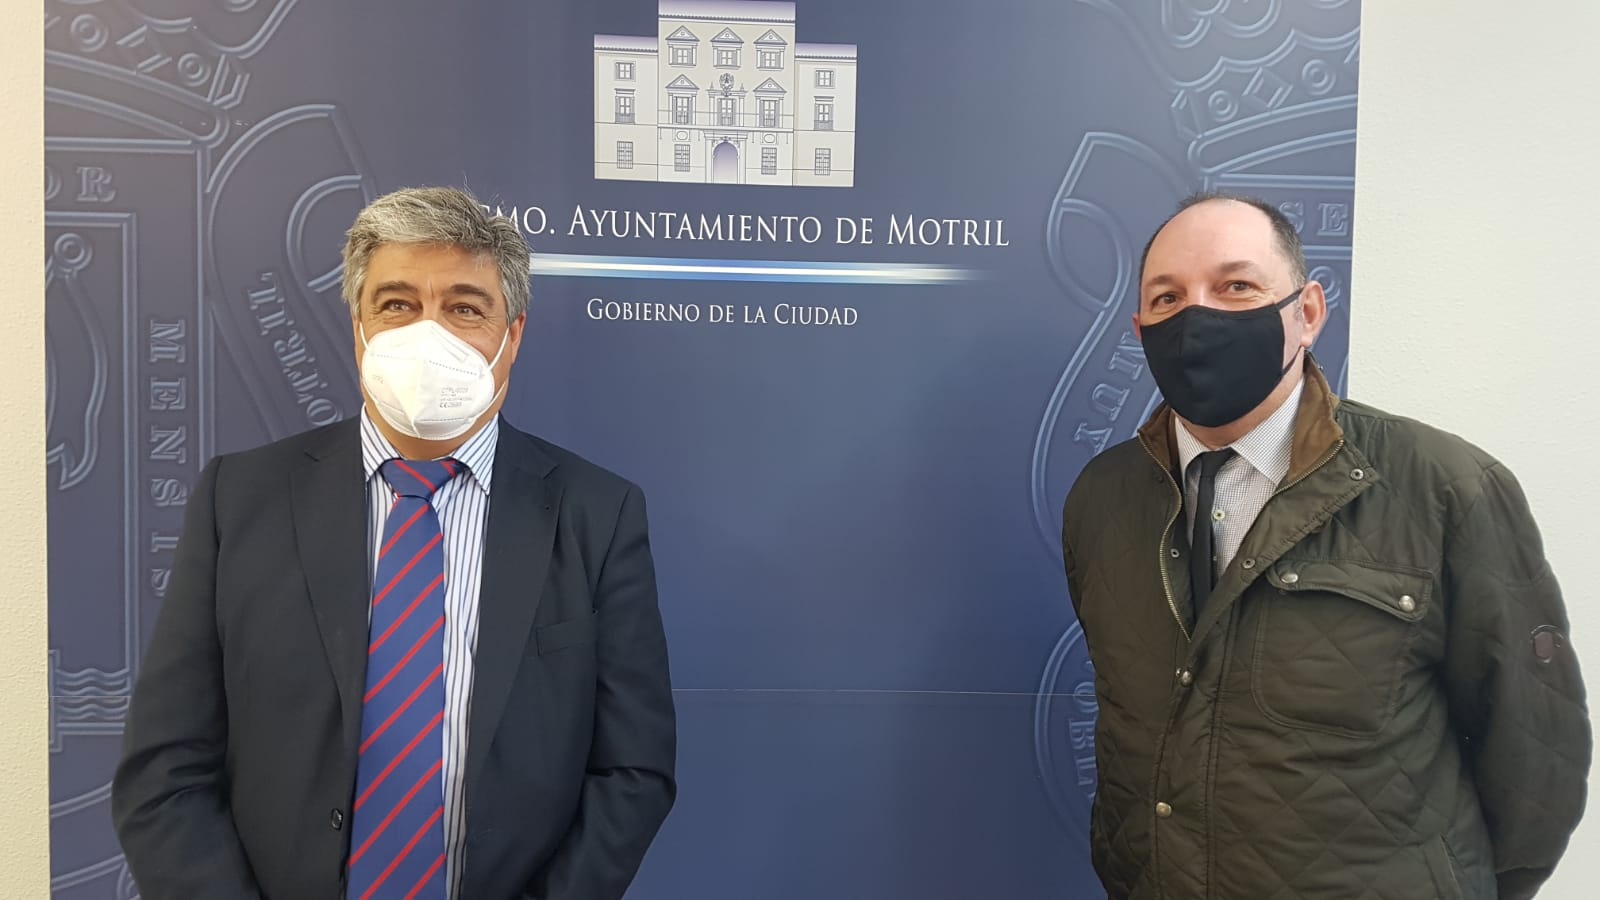 El Ayuntamiento de Motril abre las puertas al Capítulo de Granada para tratar el futuro de su plaza de toros